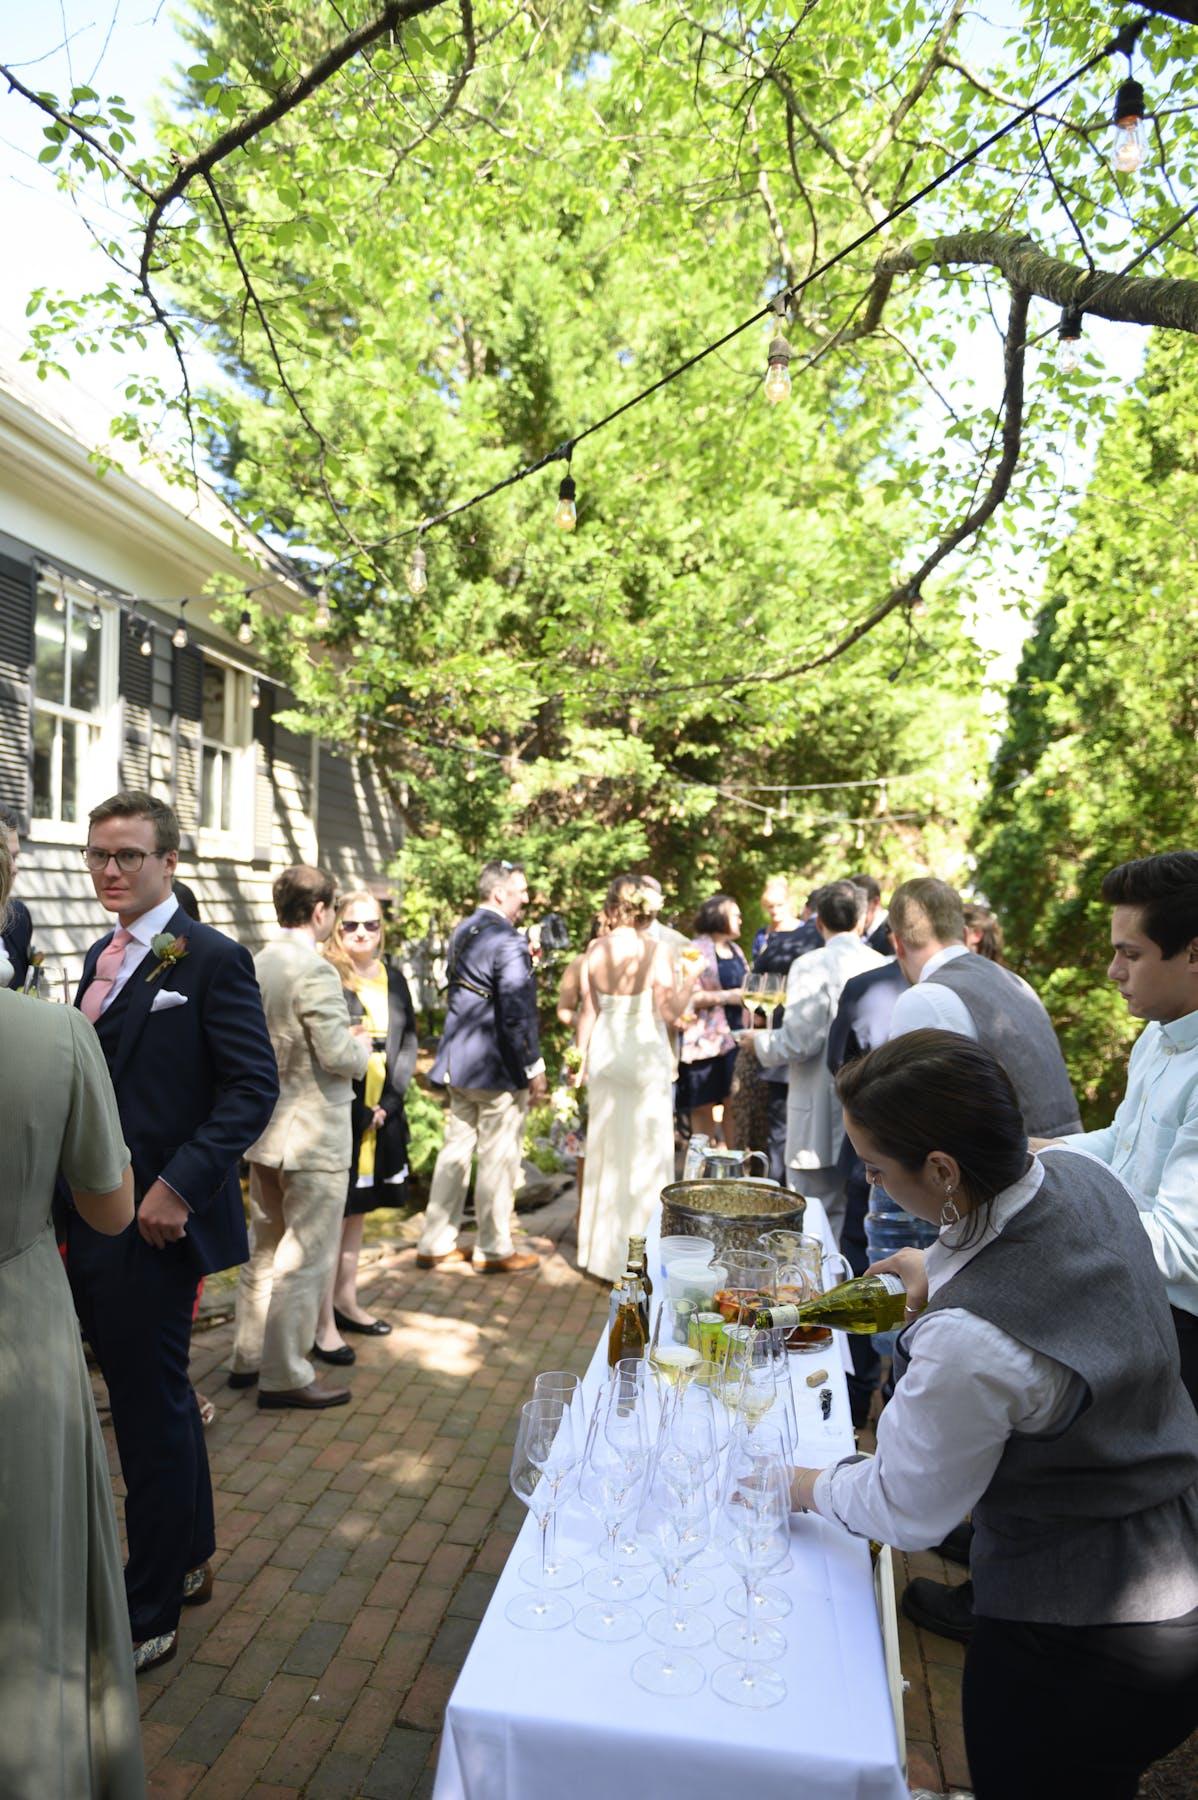 A gathering at a celebration